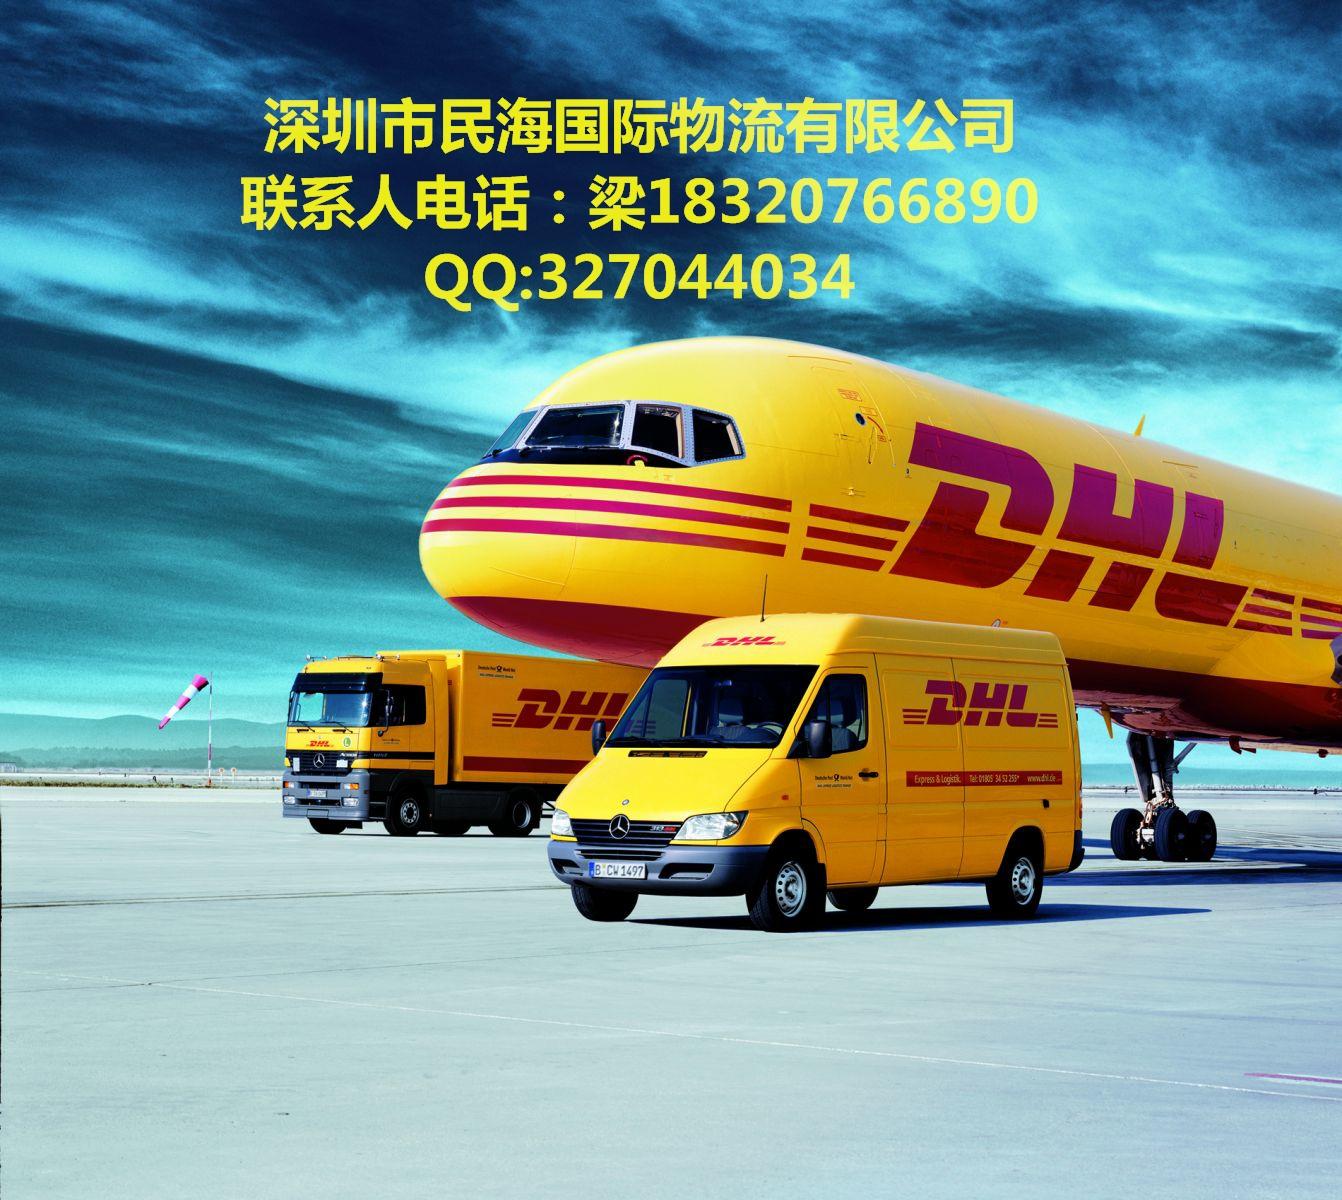 深圳出口到斯威士兰空运海运专线,快递公司,快递电话,DHL